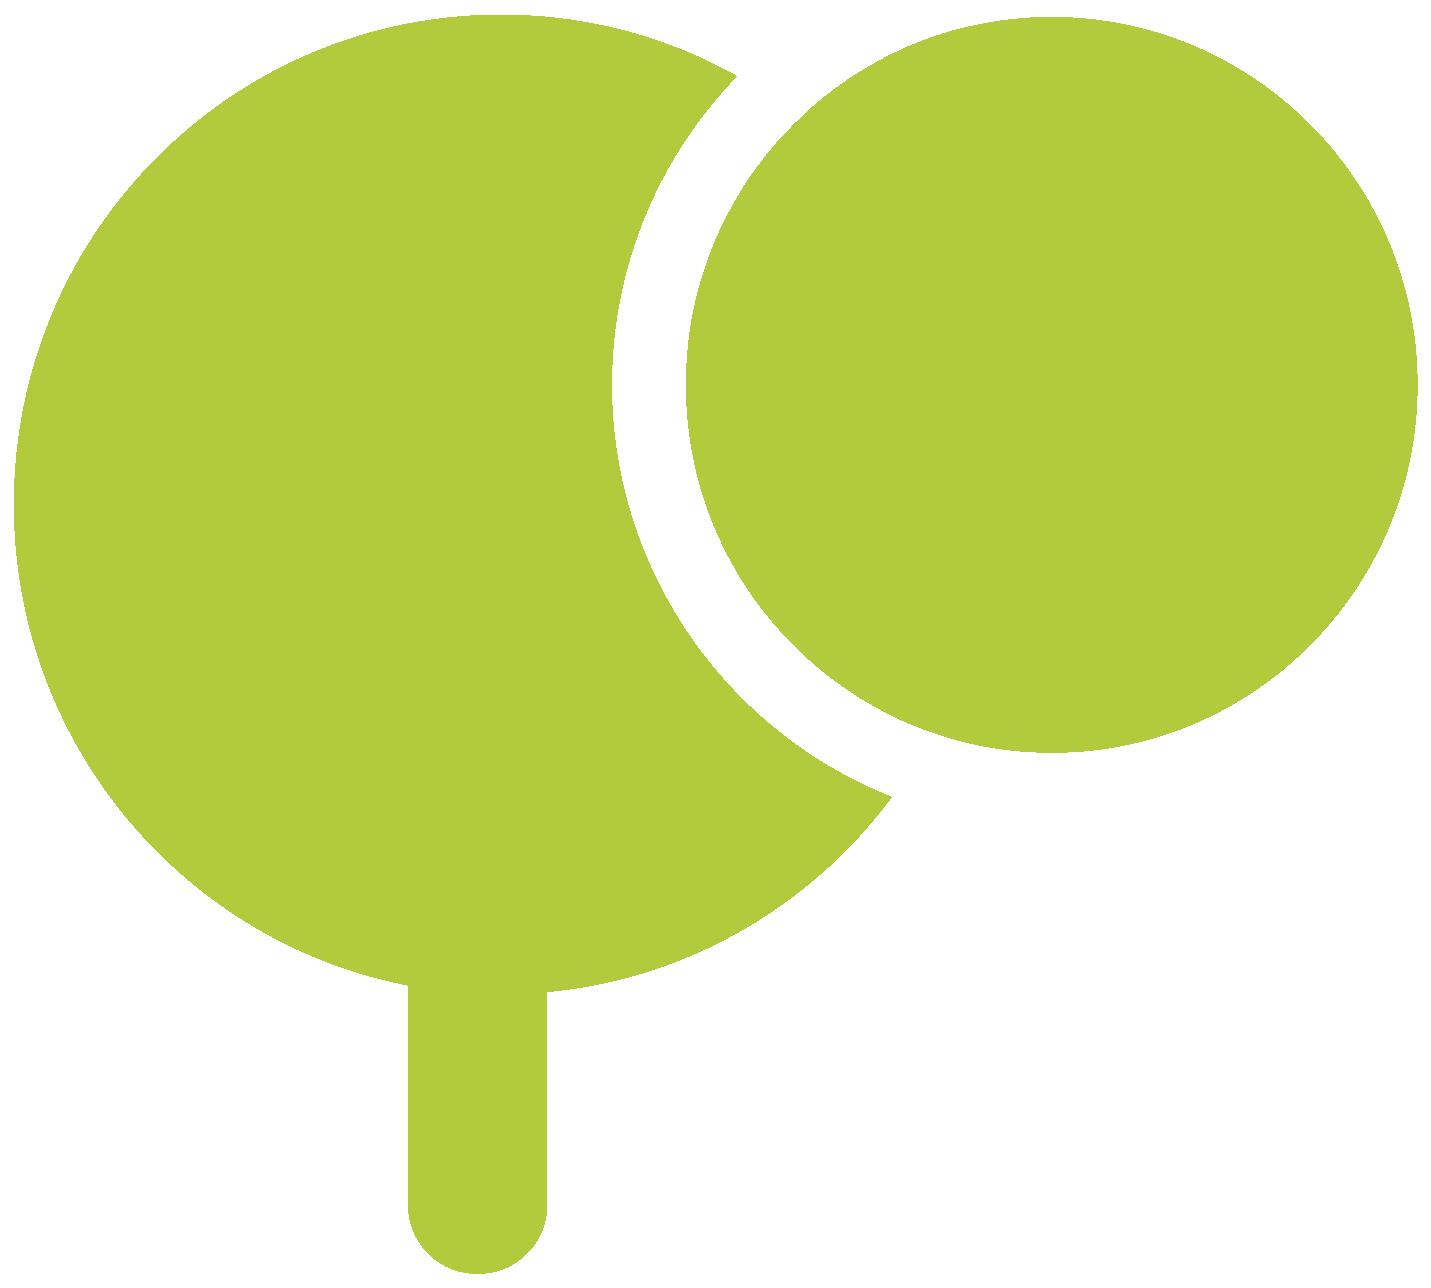 Icon-Baum